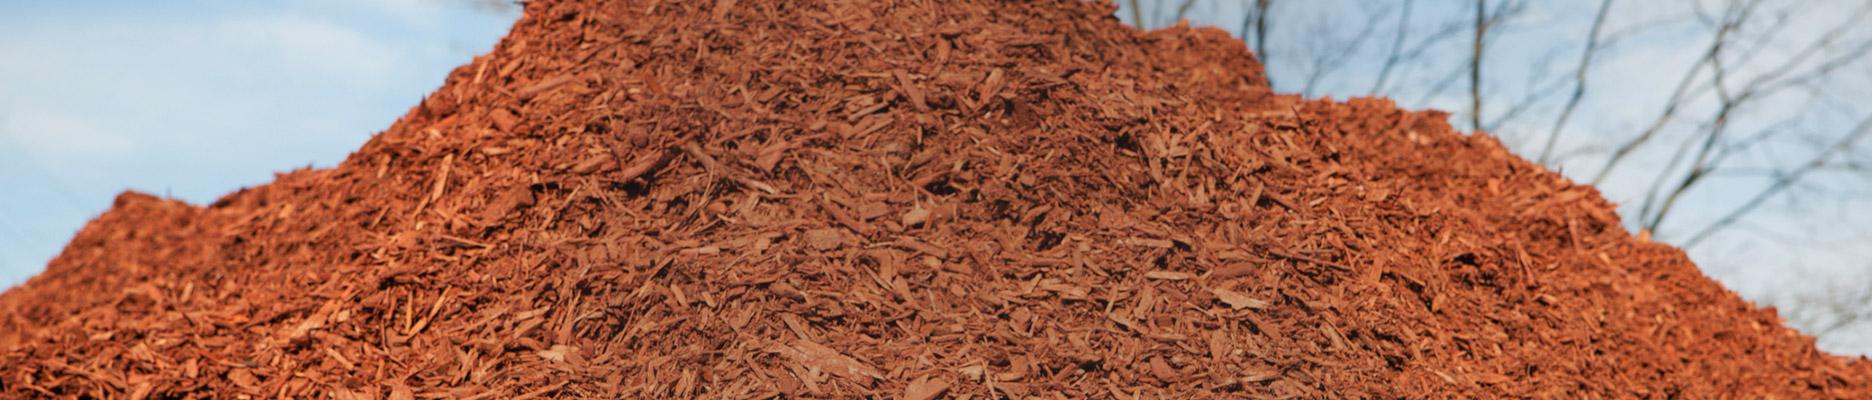 wood-scrap-pile